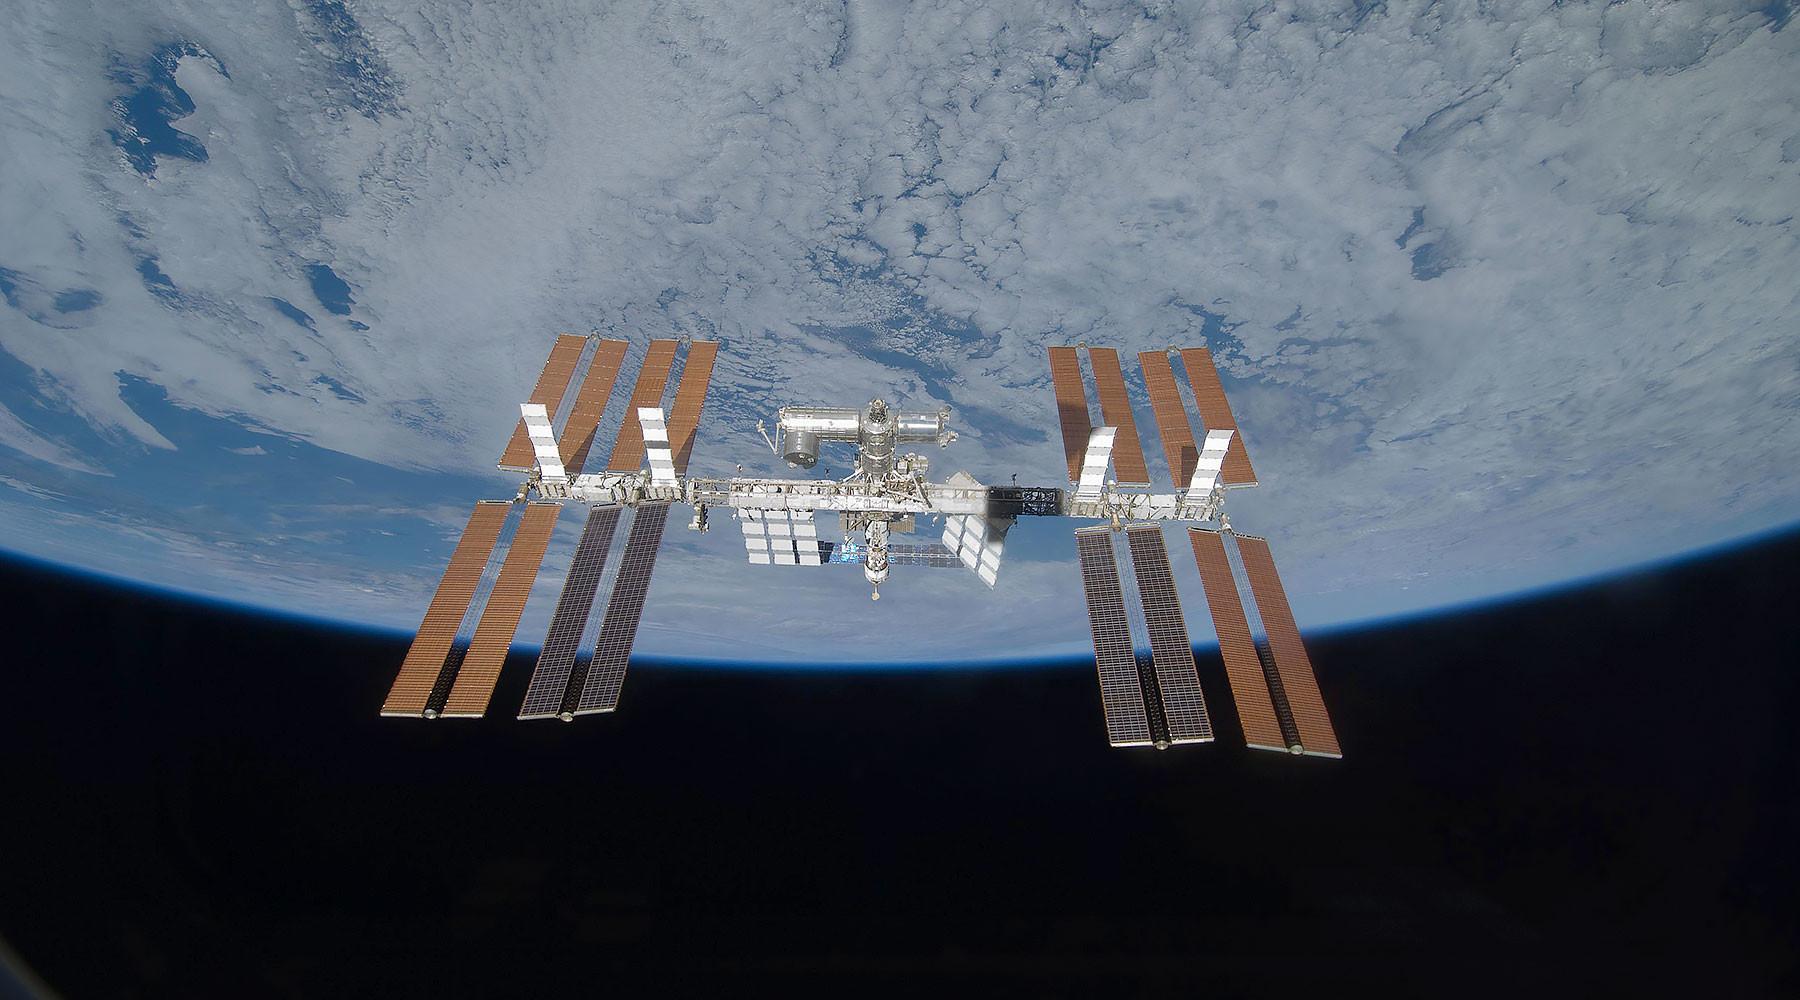 Команда «Алерт»: экипаж МКС укрывается от радиации из-за вспышки на Солнце